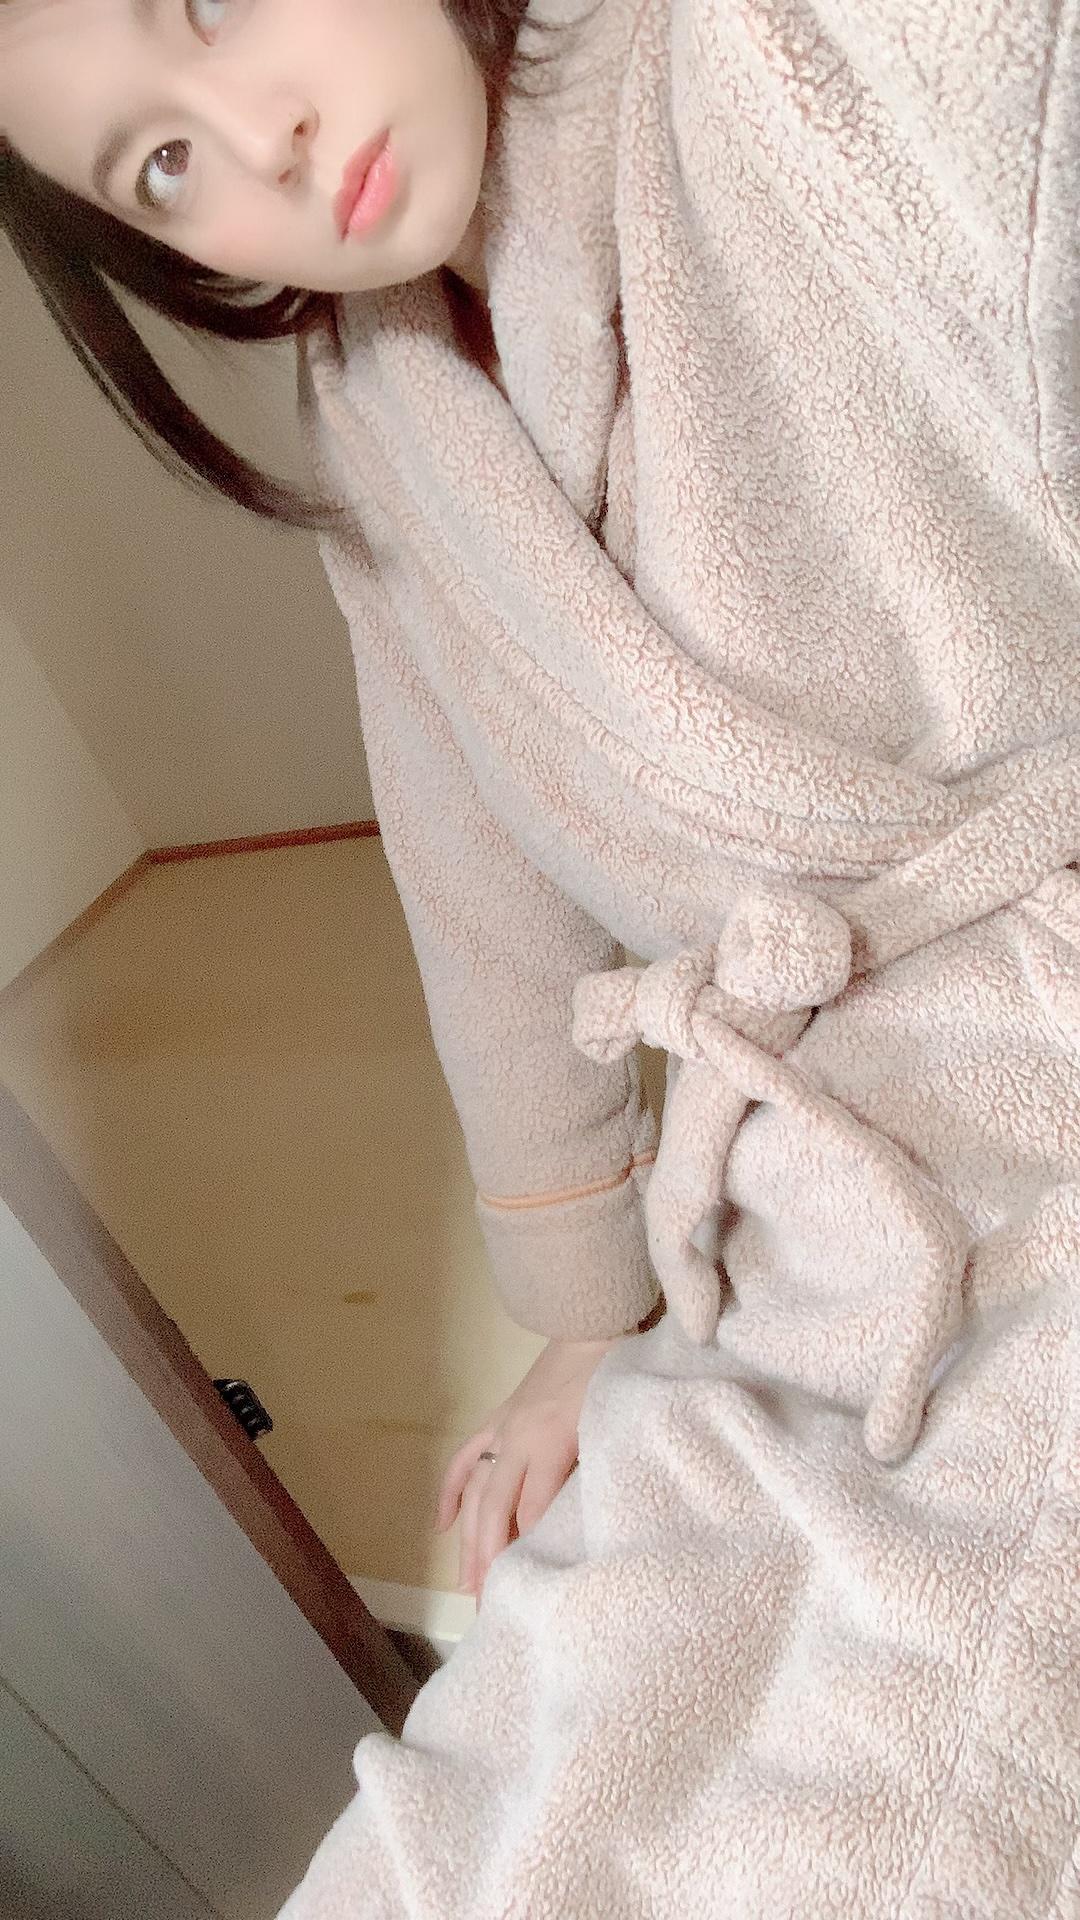 【平井栞奈エロ画像】夫にもう一度見て欲しい…魅力を引き出したい美人妻・平井栞奈!